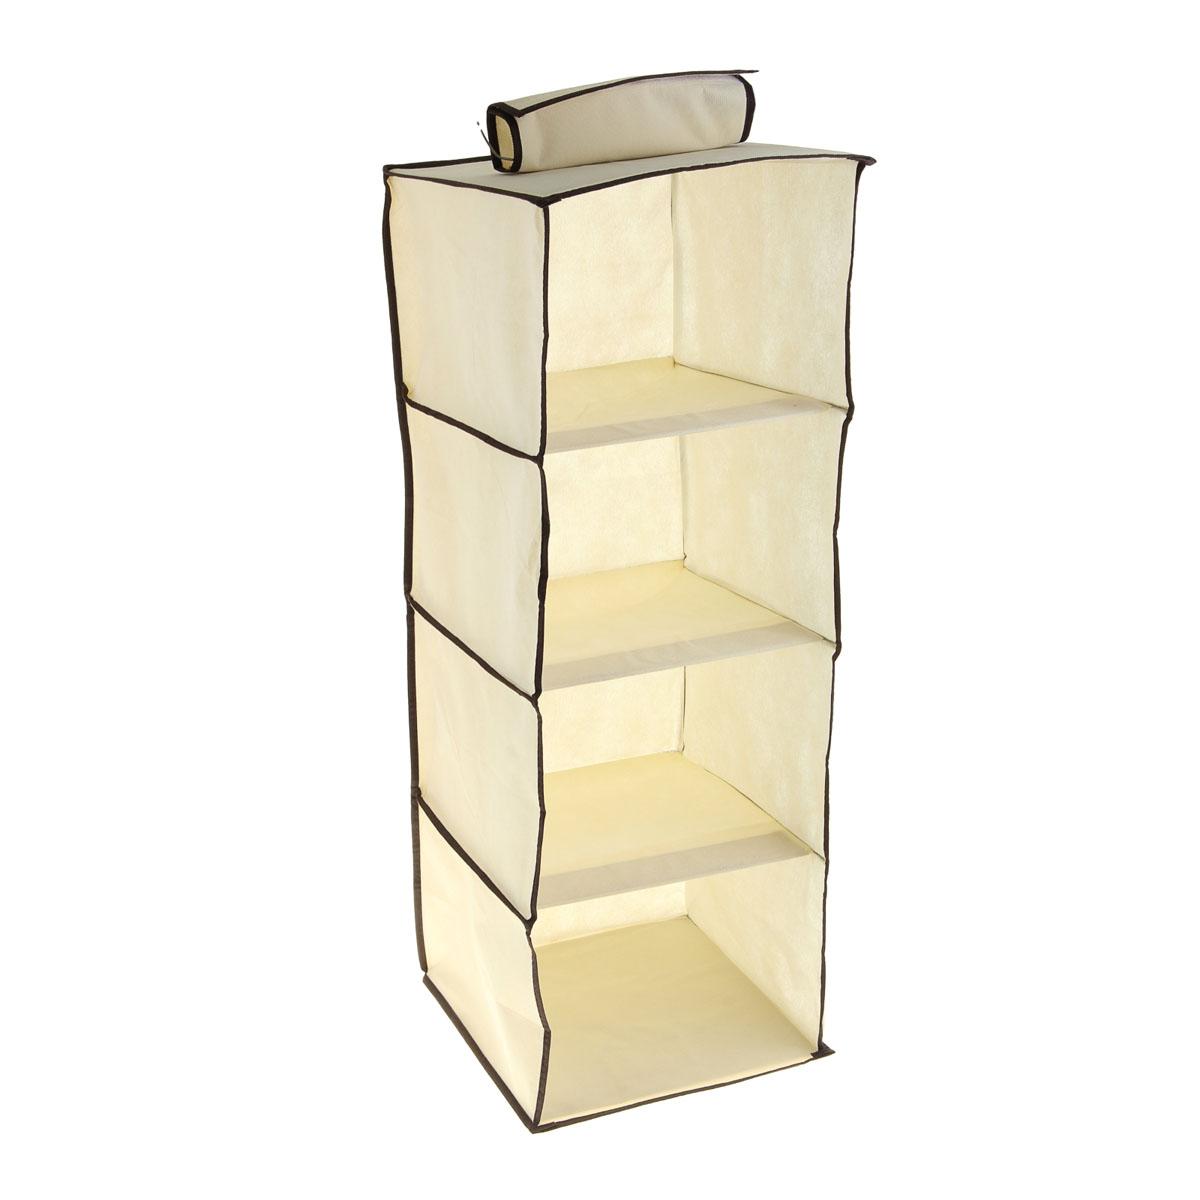 Кофр для хранения вещей Sima-land, подвесной, 4 отделения, 30 х 30 х 80 см 851851